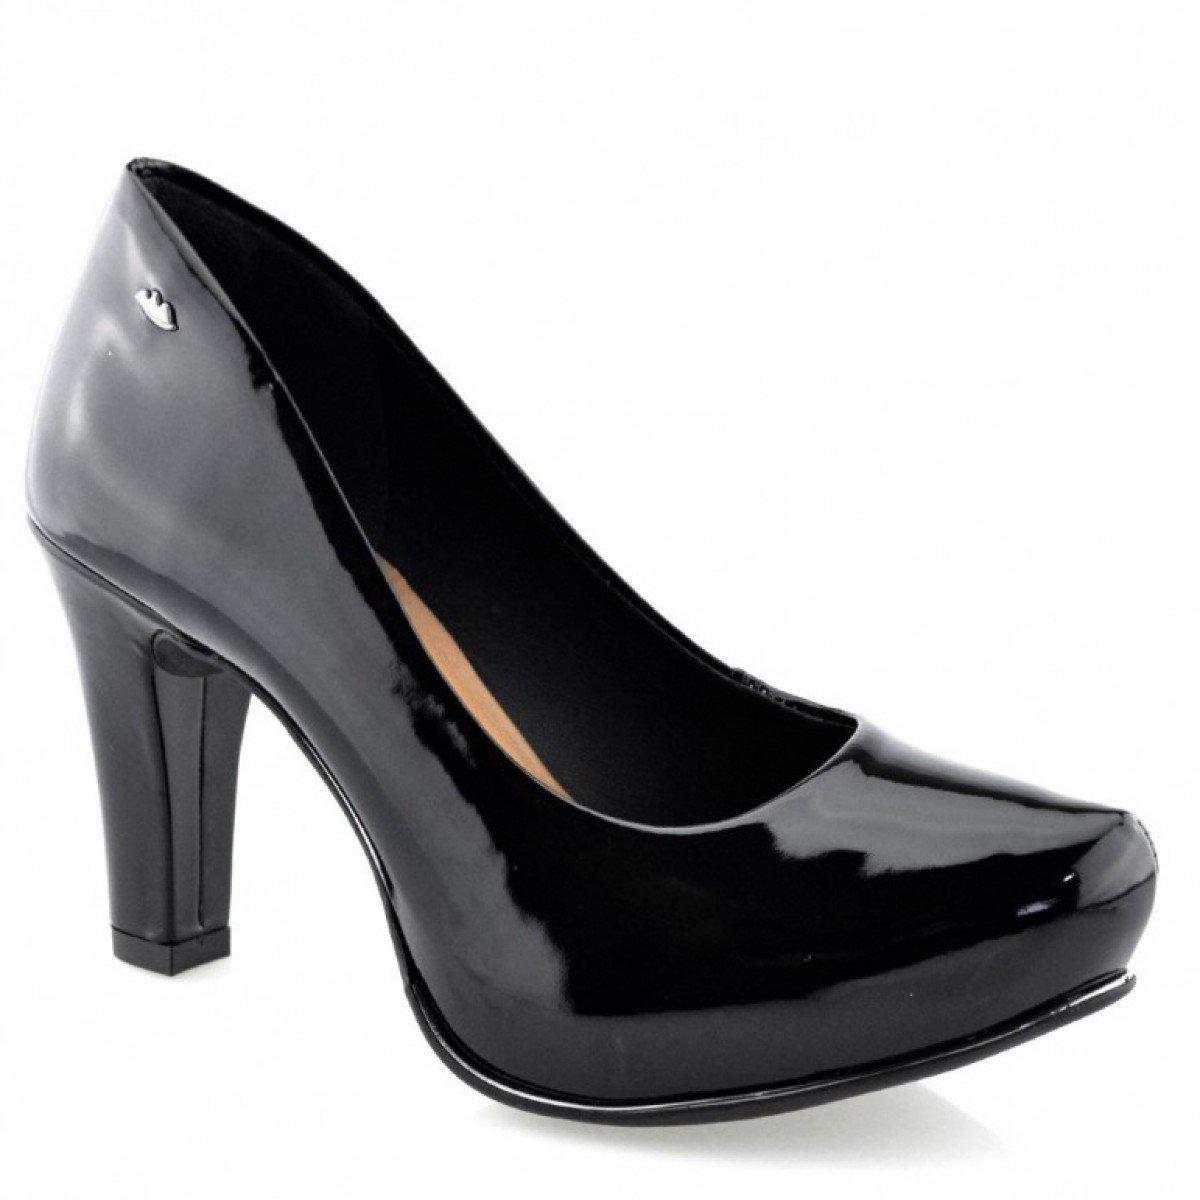 8f998e3417 Sapato Feminino Dakota Verniz Fontana Preto - Compre Agora